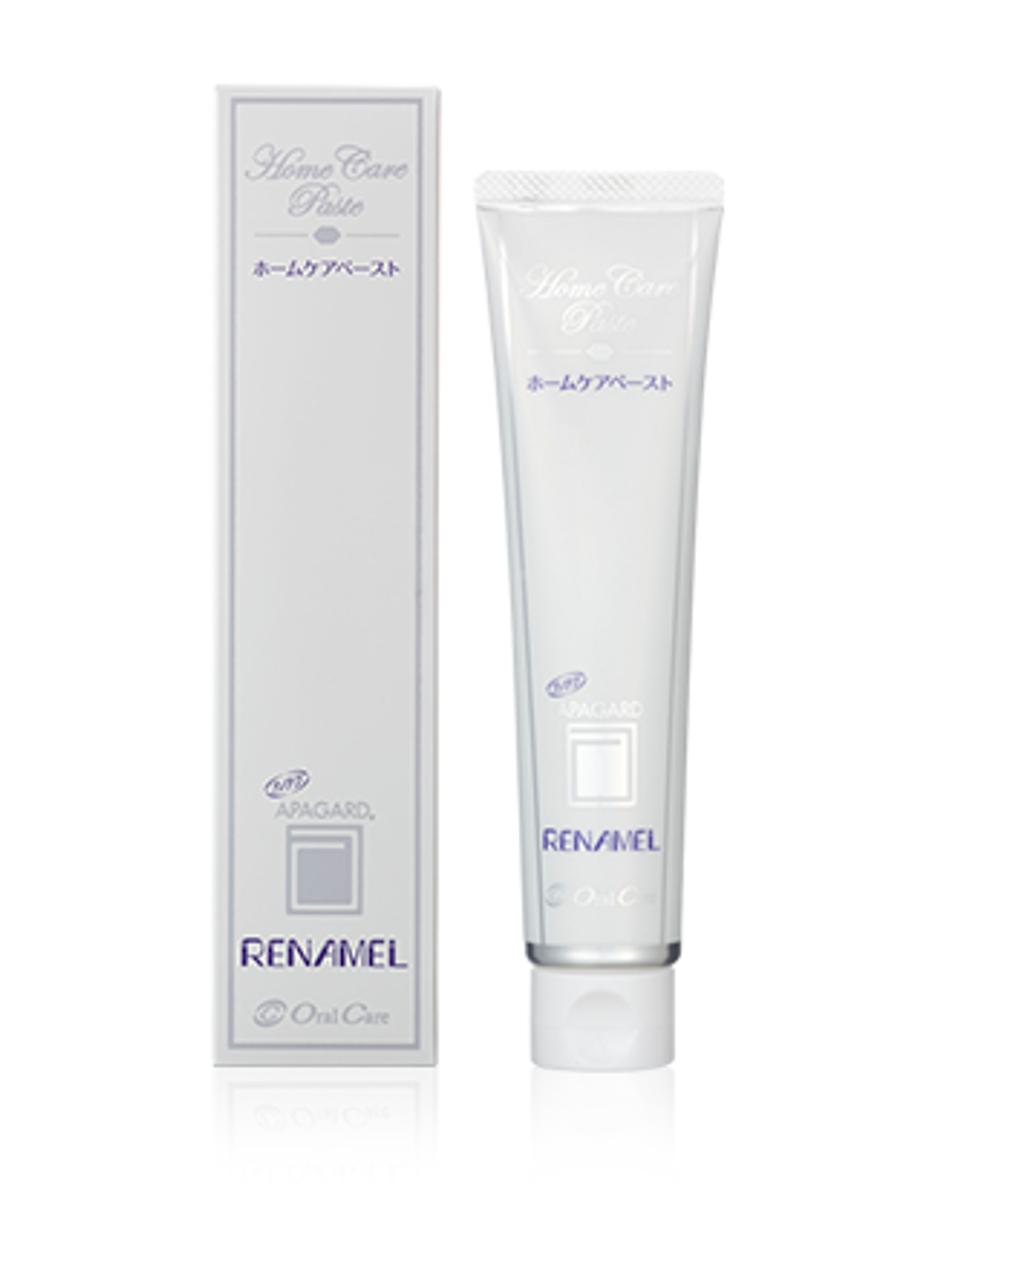 Apagard Renamel - профессиональная зубная паста, укрепляющая эмаль